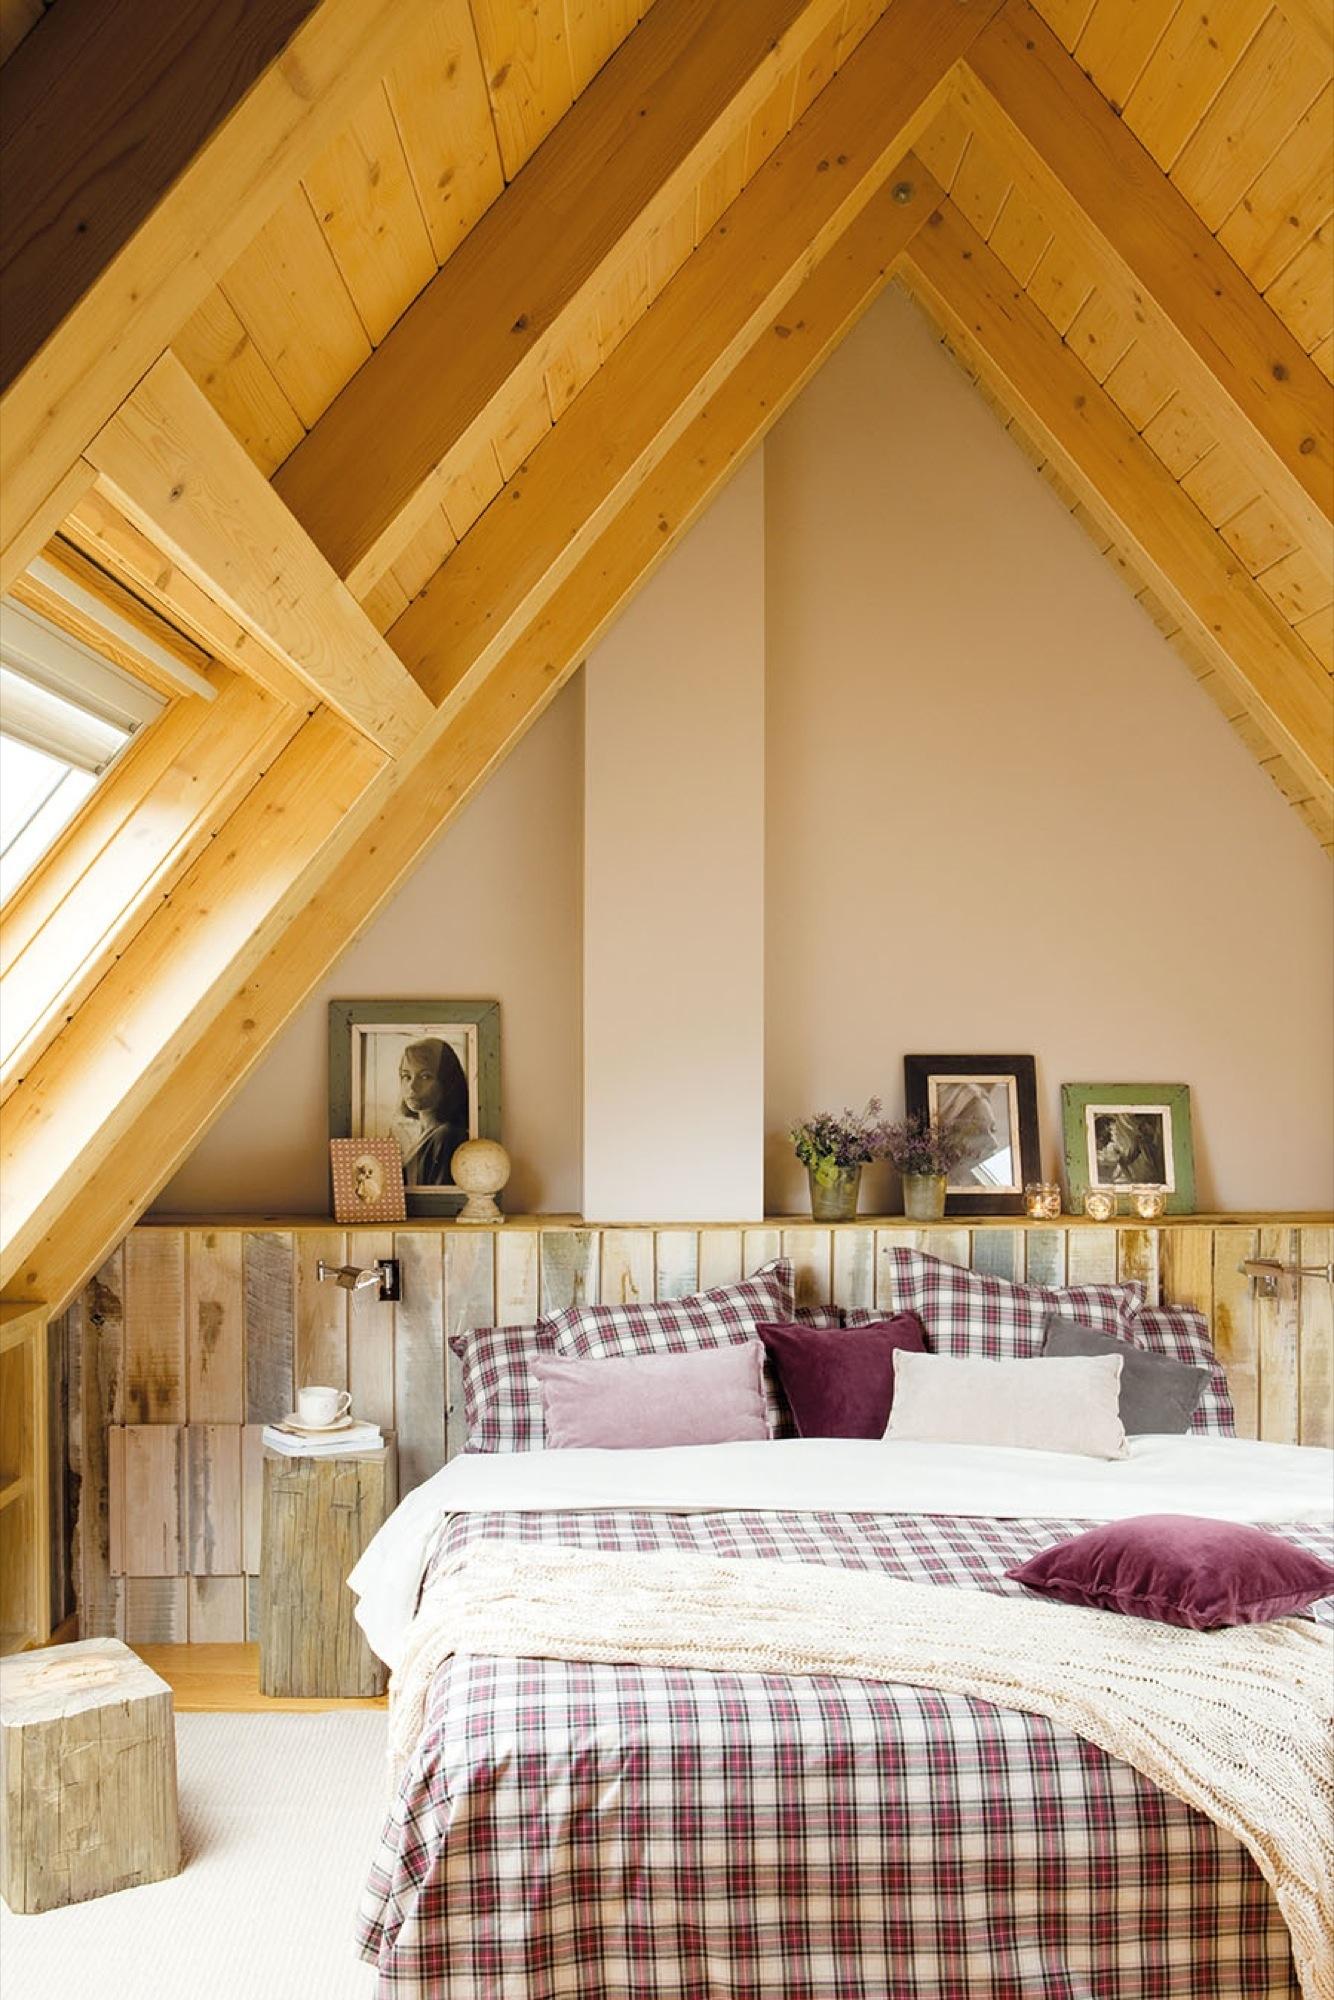 Dormitorios r sticos con mucho encanto for Decorar su casa de campo